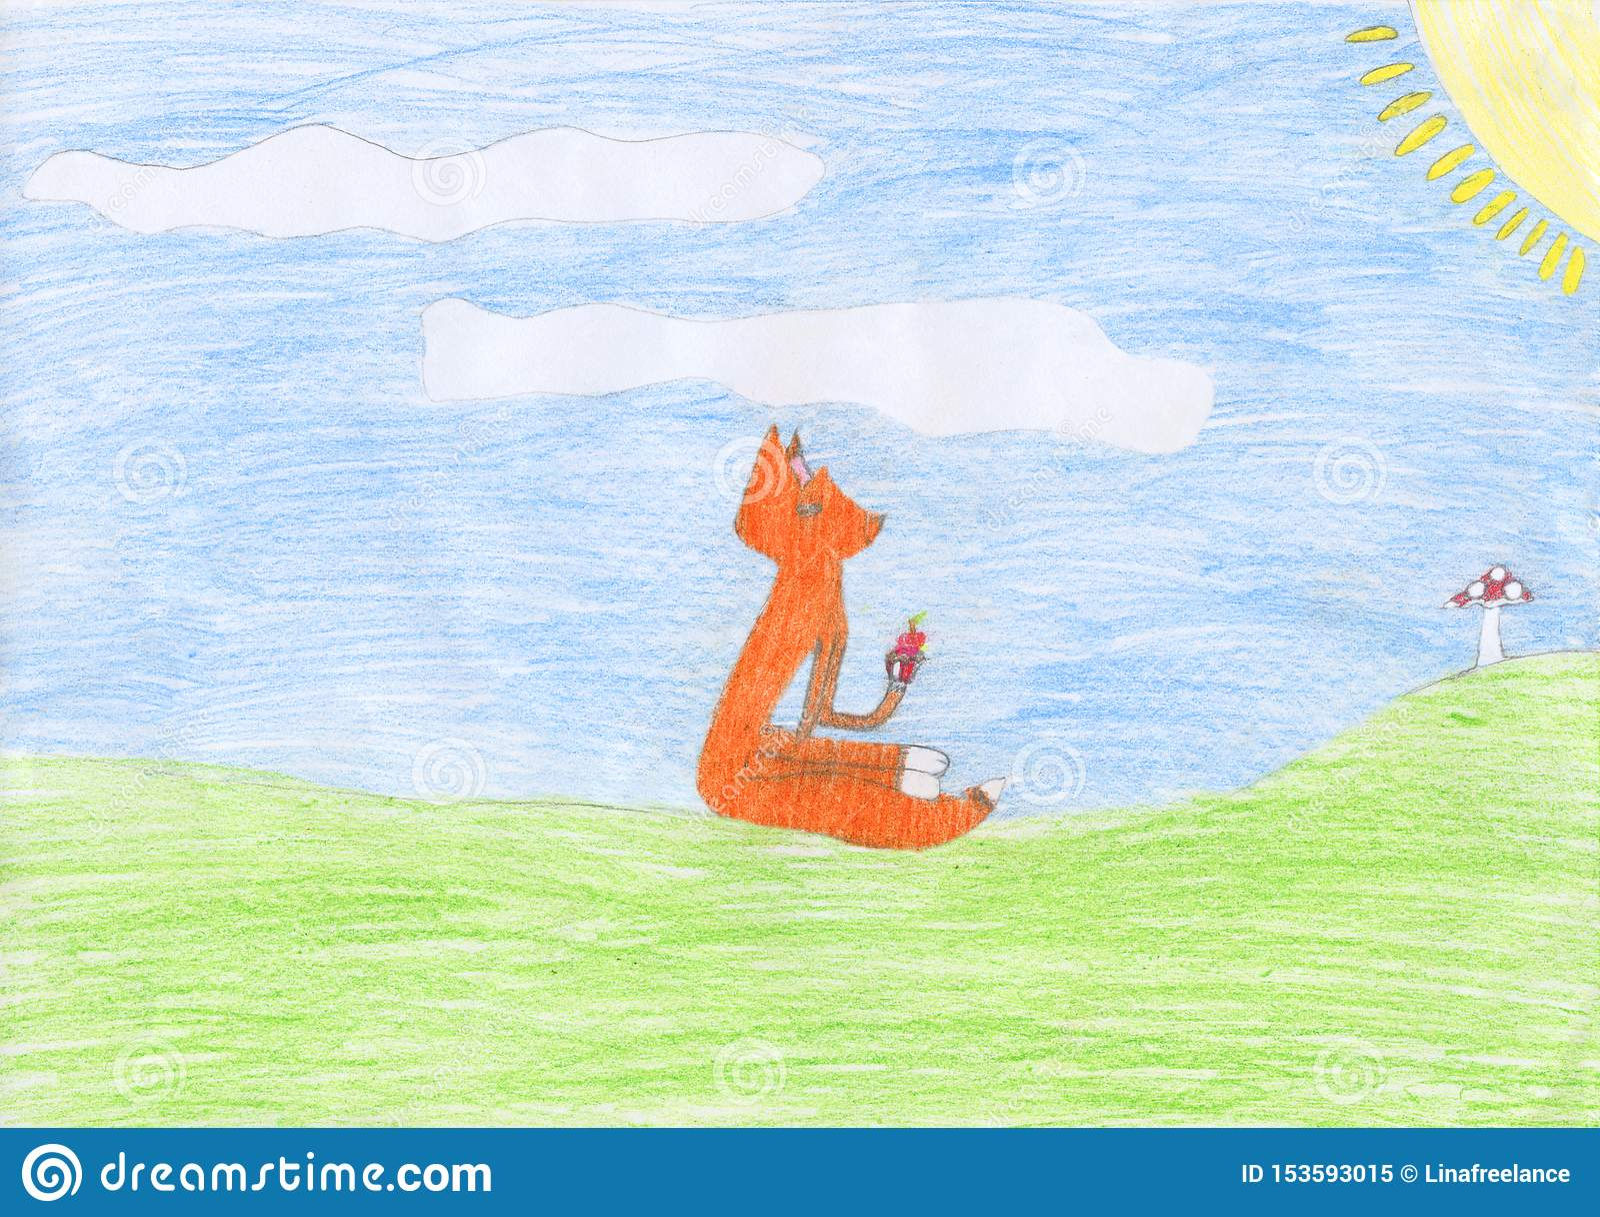 Kind farbige Bleistift-Zeichnung eines Fuchses, der ein Muffin isst